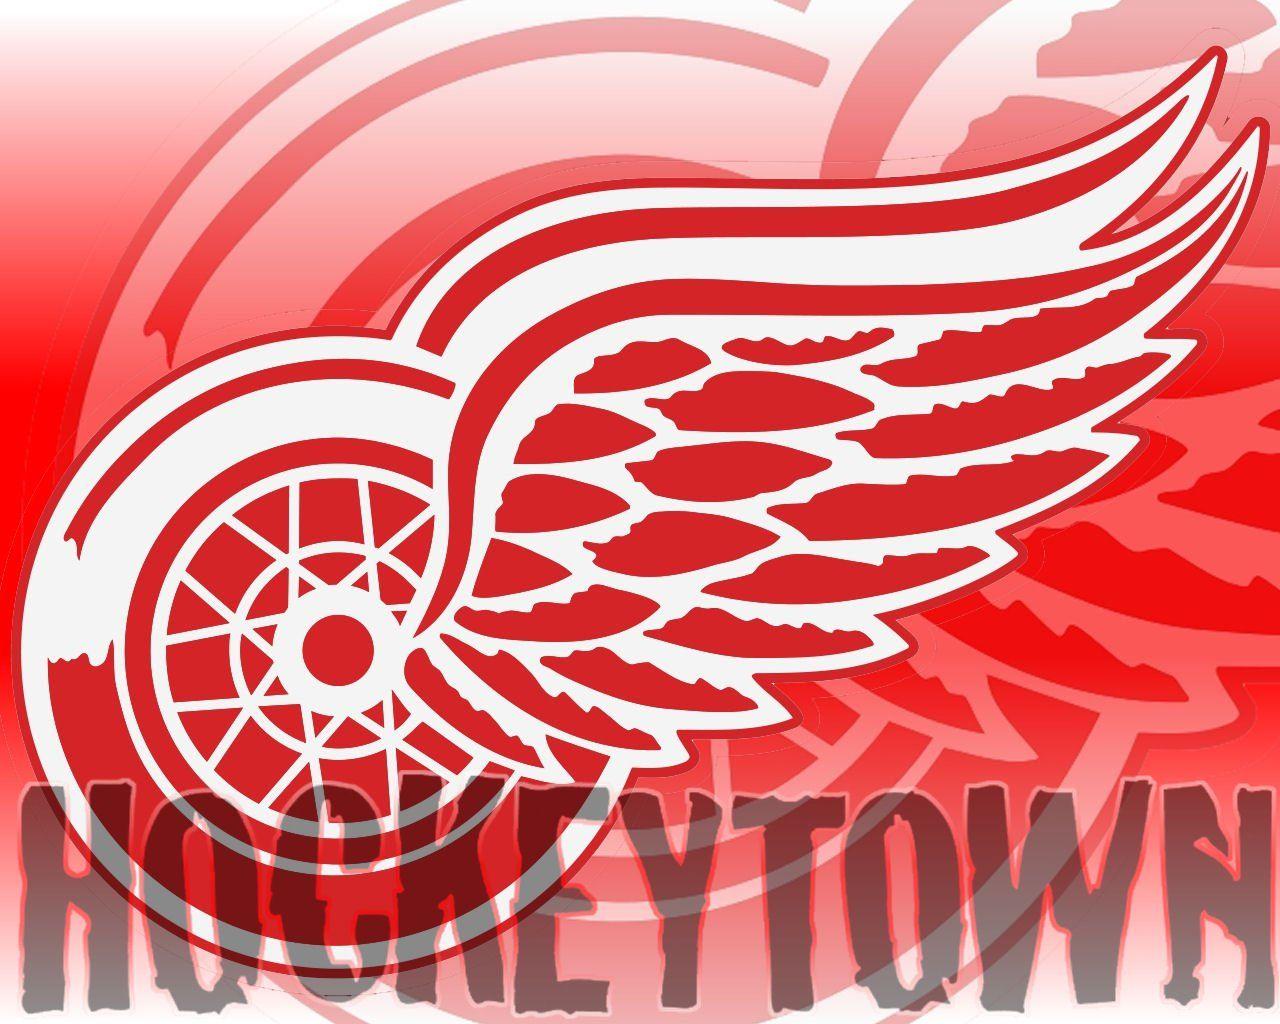 Detroit Red Wings Hockeytown Logo Detroit Red Wings Desktop